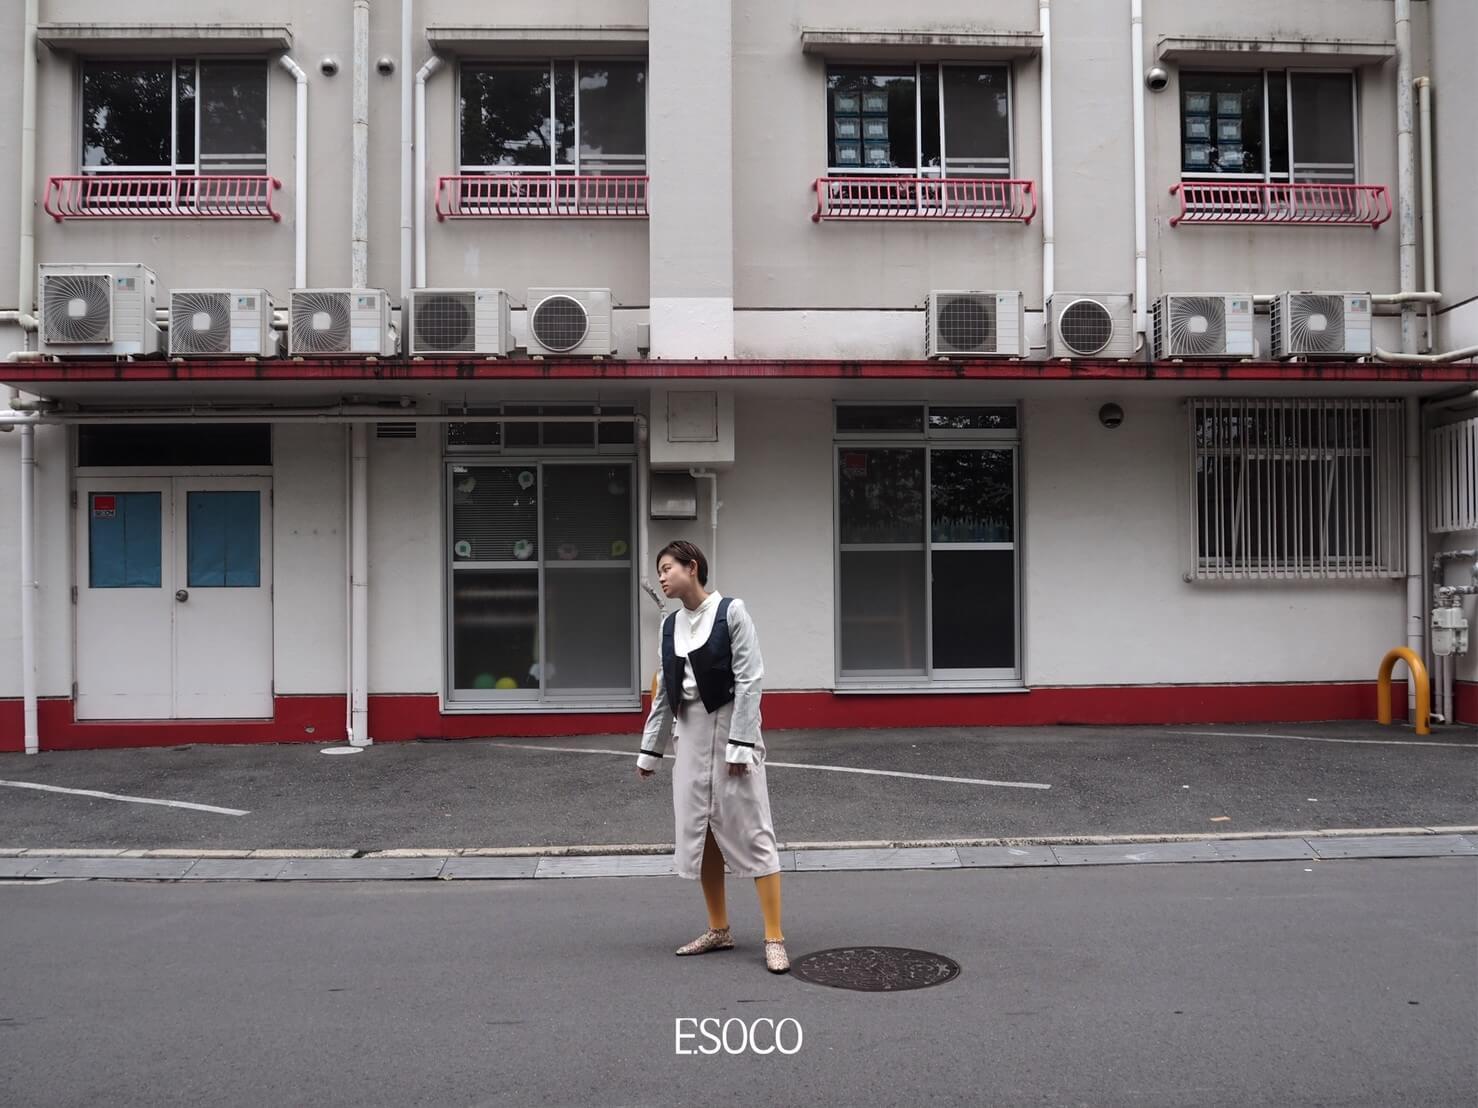 esoco_ビジュアル3